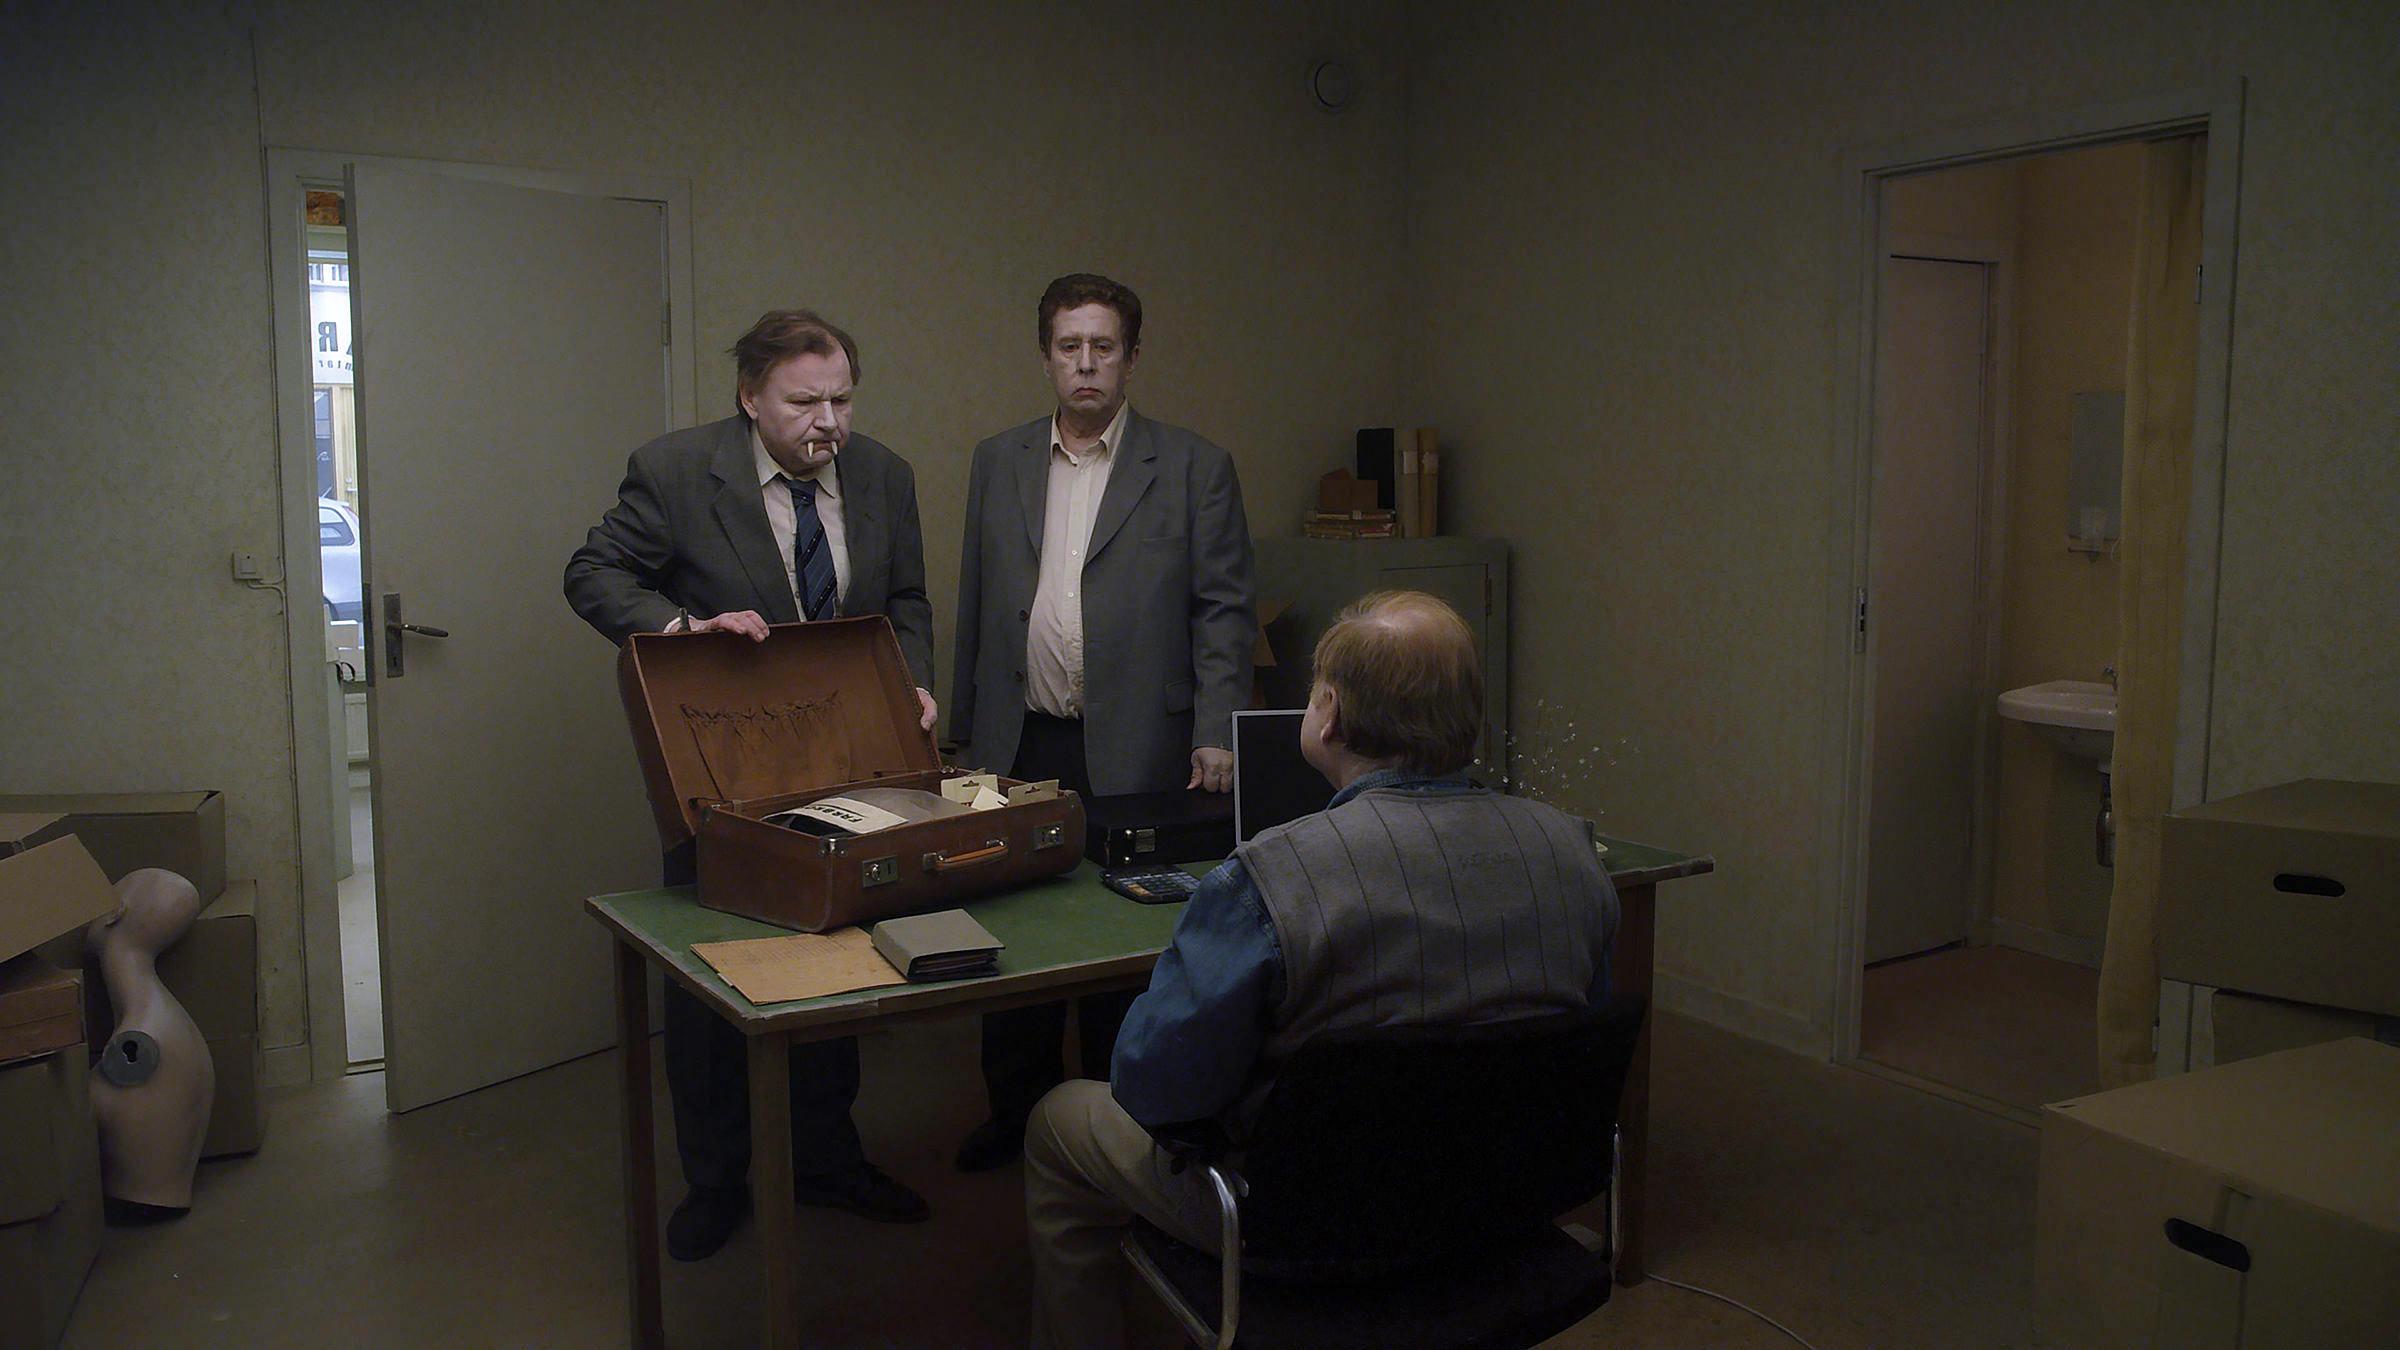 Un piccione seduto su un ramo riflette sull'esistenza: Nisse Vestblom e Holger Andersson in una scena del film